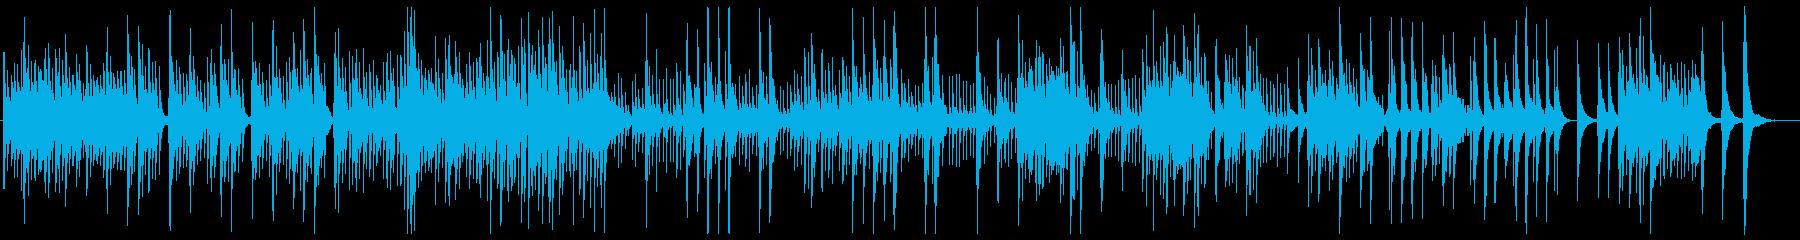 「ペール・ギュント 朝の気分」ウクレレの再生済みの波形